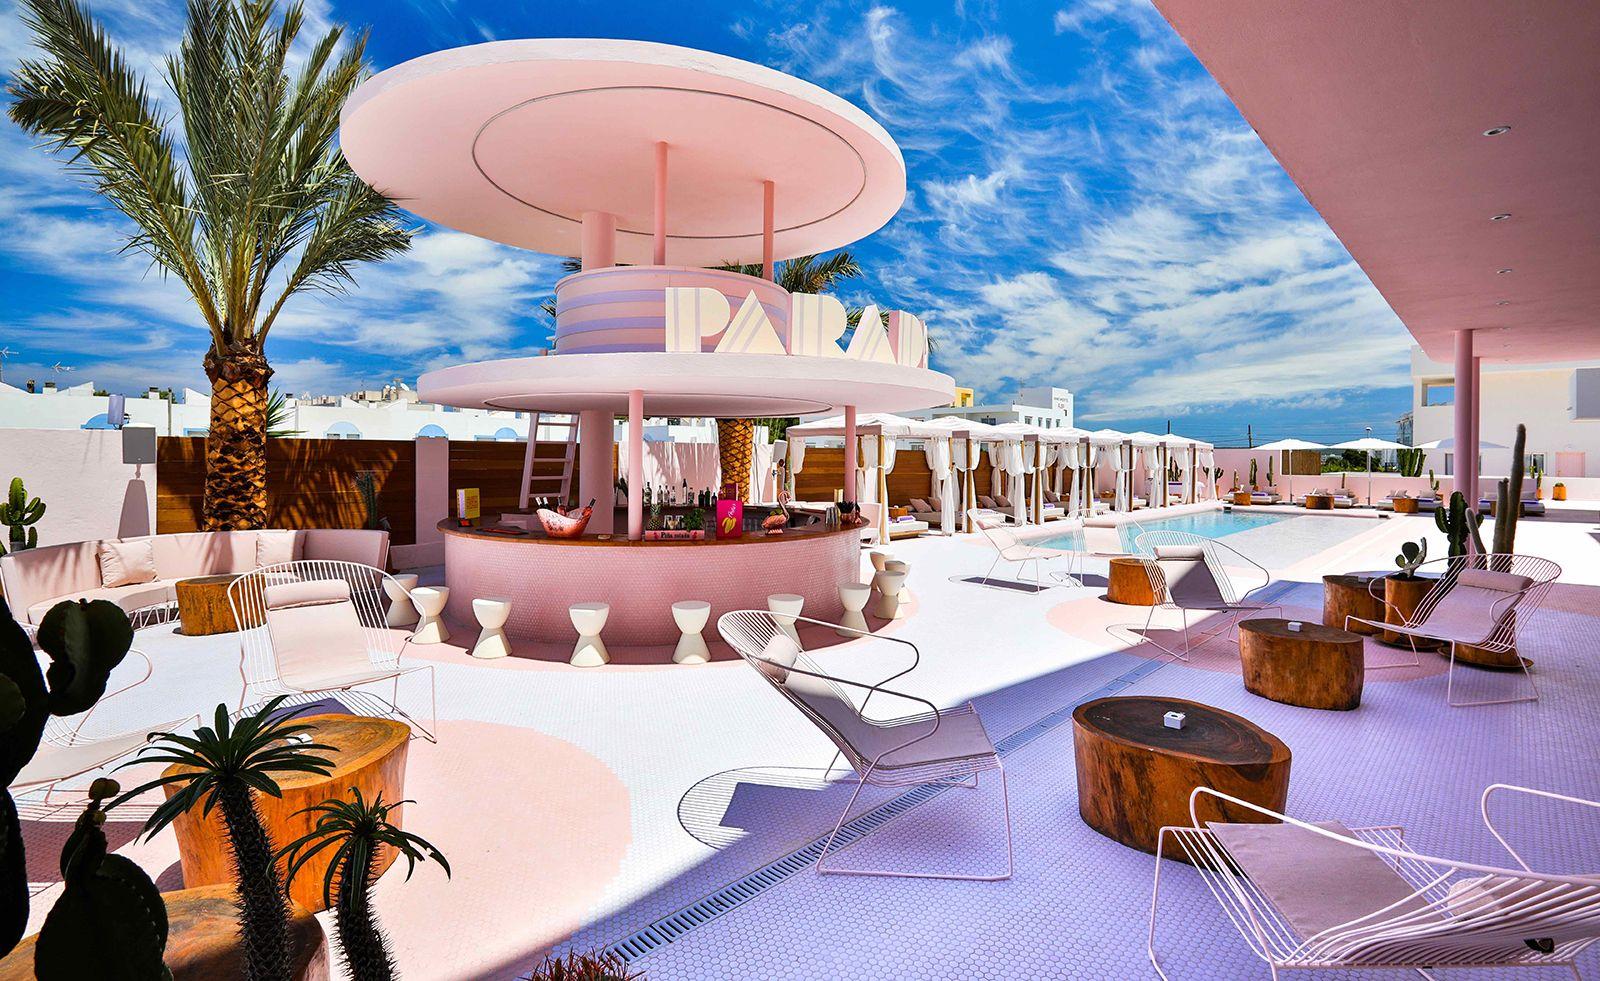 l paradiso ibiza art hotel 4 compressor ART HOTEL NEL MONDO